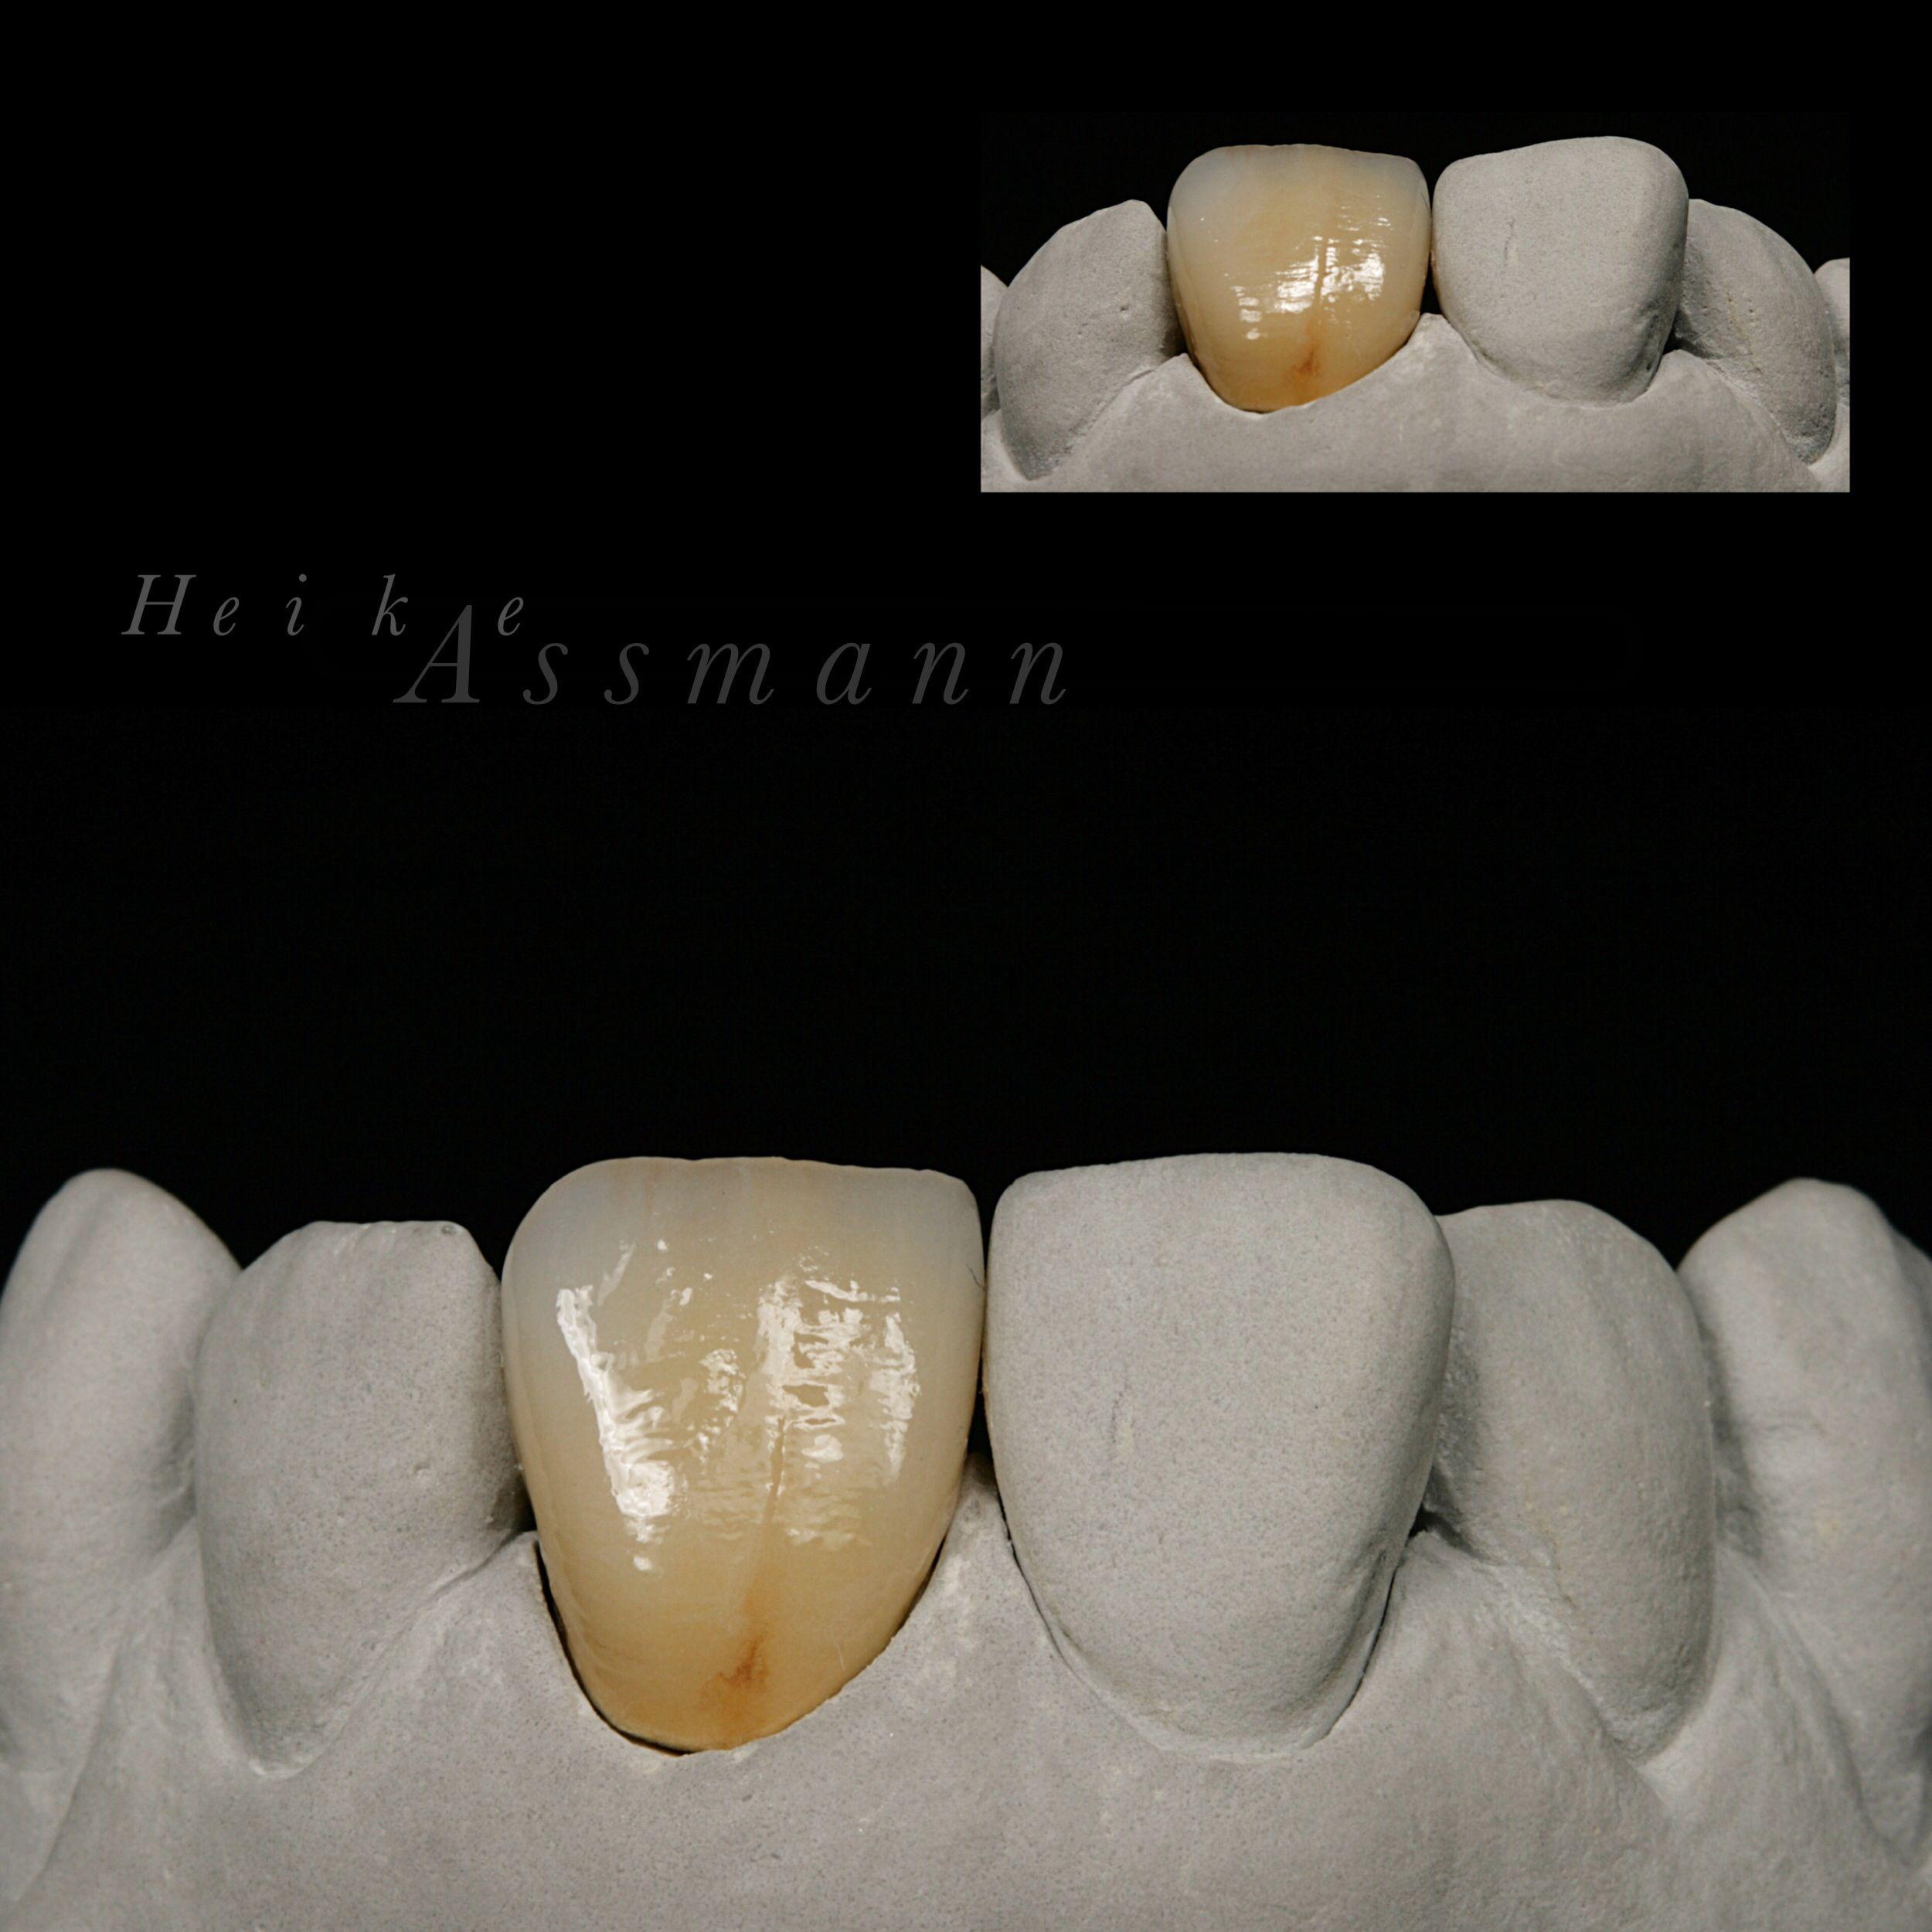 Metal Ceramic Zahntechnik By Heike Assmann Em 2020 Protese Dentaria Dentes Anteriores Dentes